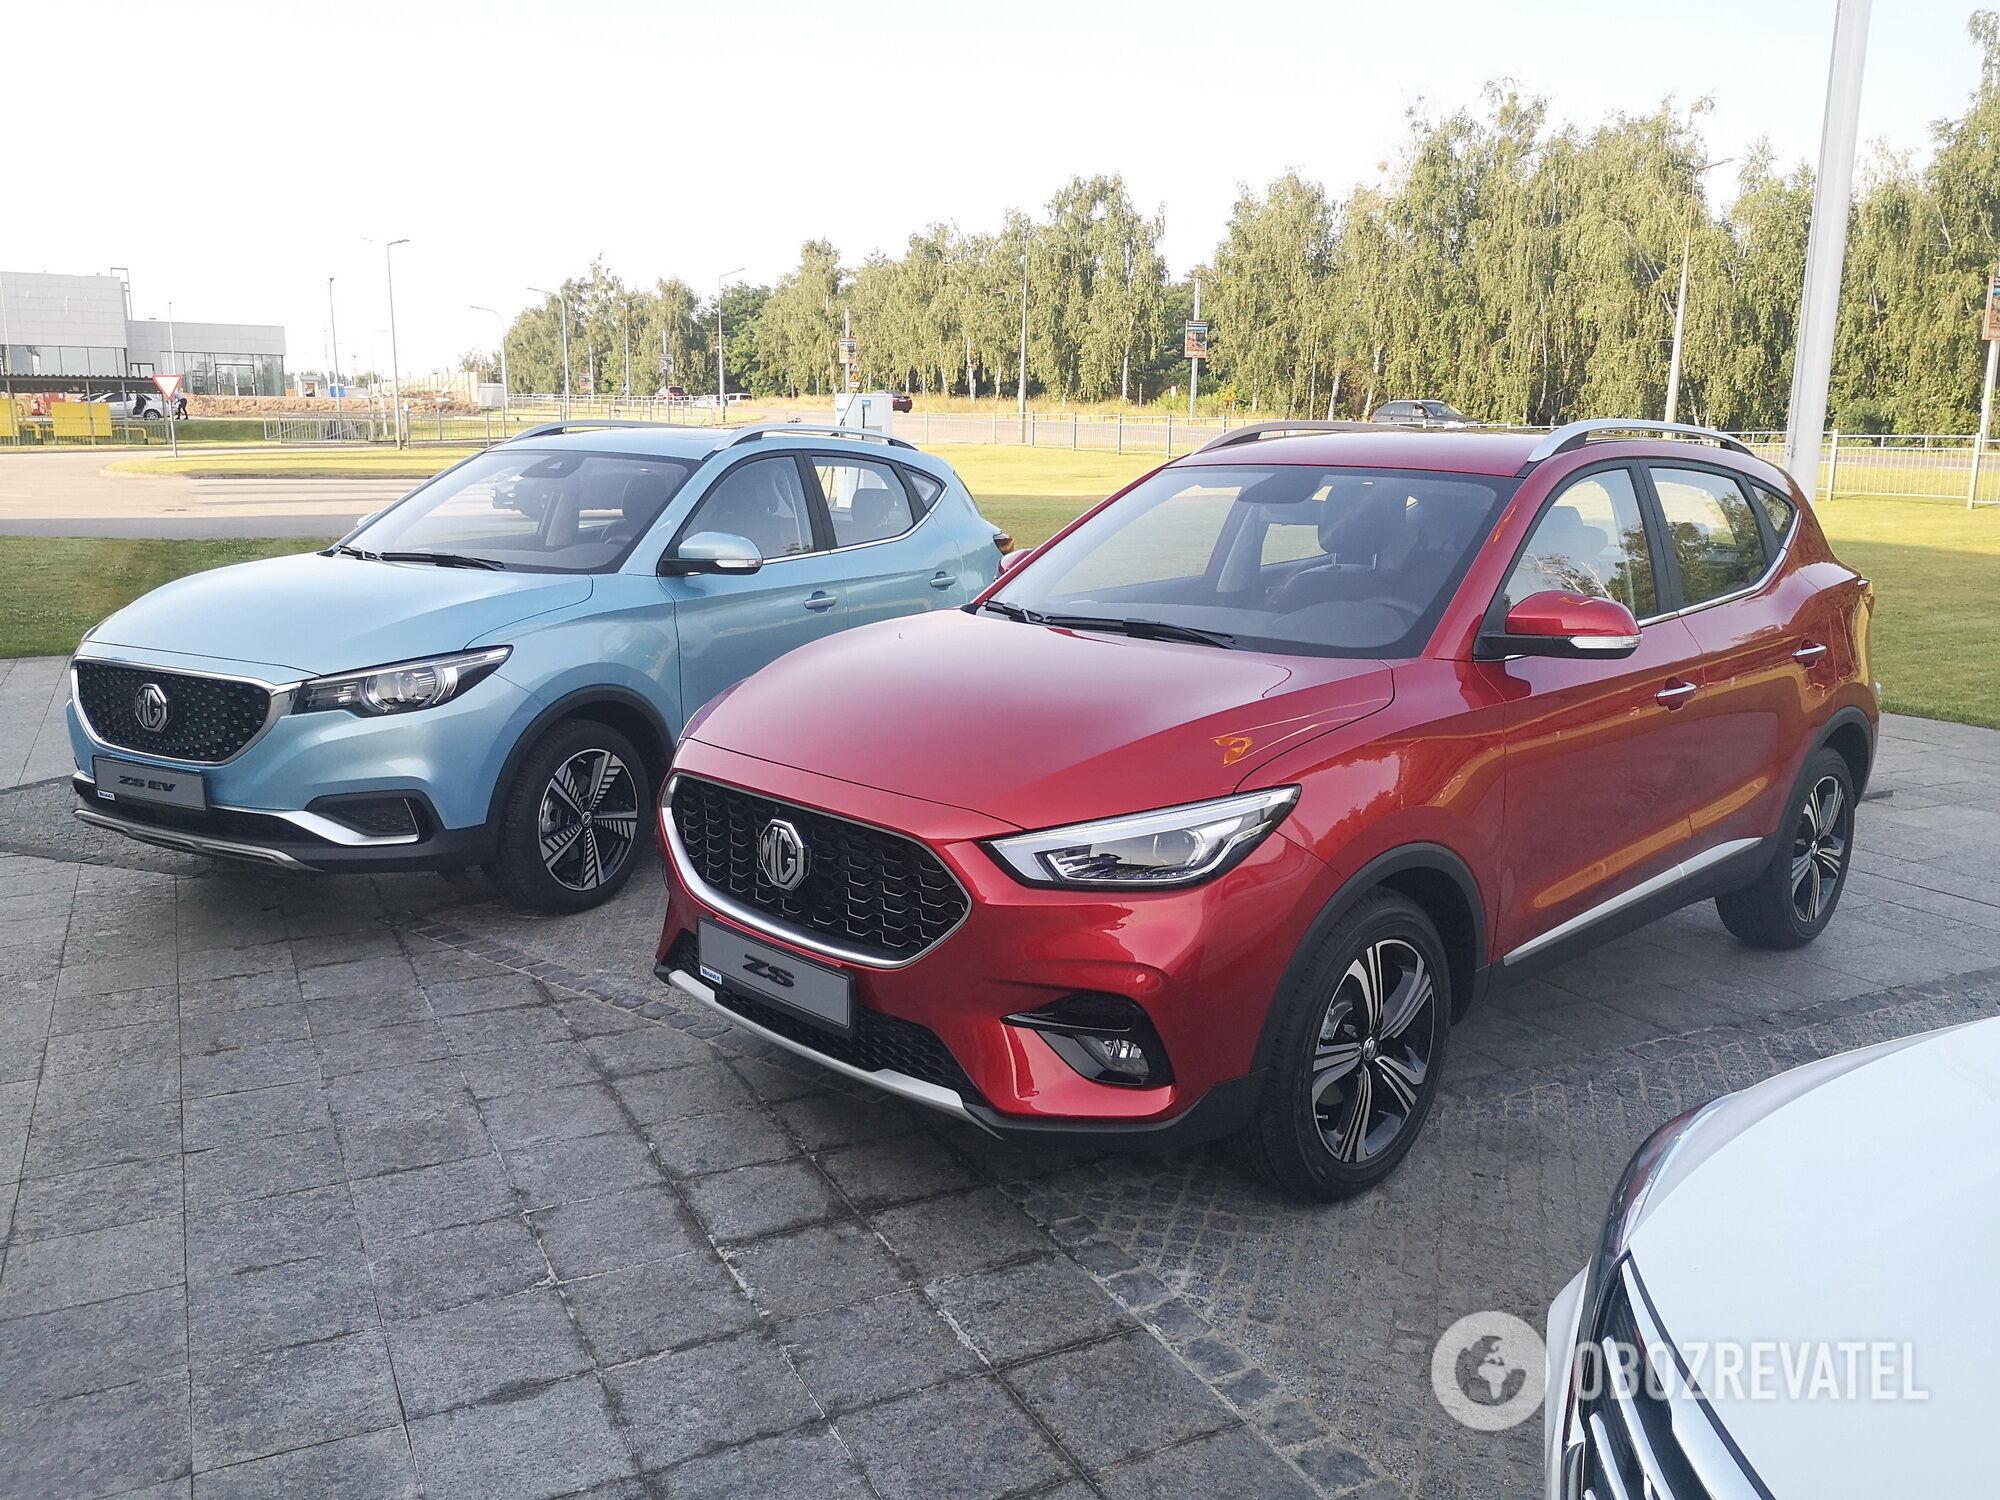 MG ZS будет предлагается в Украине с бензиновым 1,5-литровым мотором мощностью 115 л.с. и 1,3-литровым турбированным двигателем мощностью 156 сил